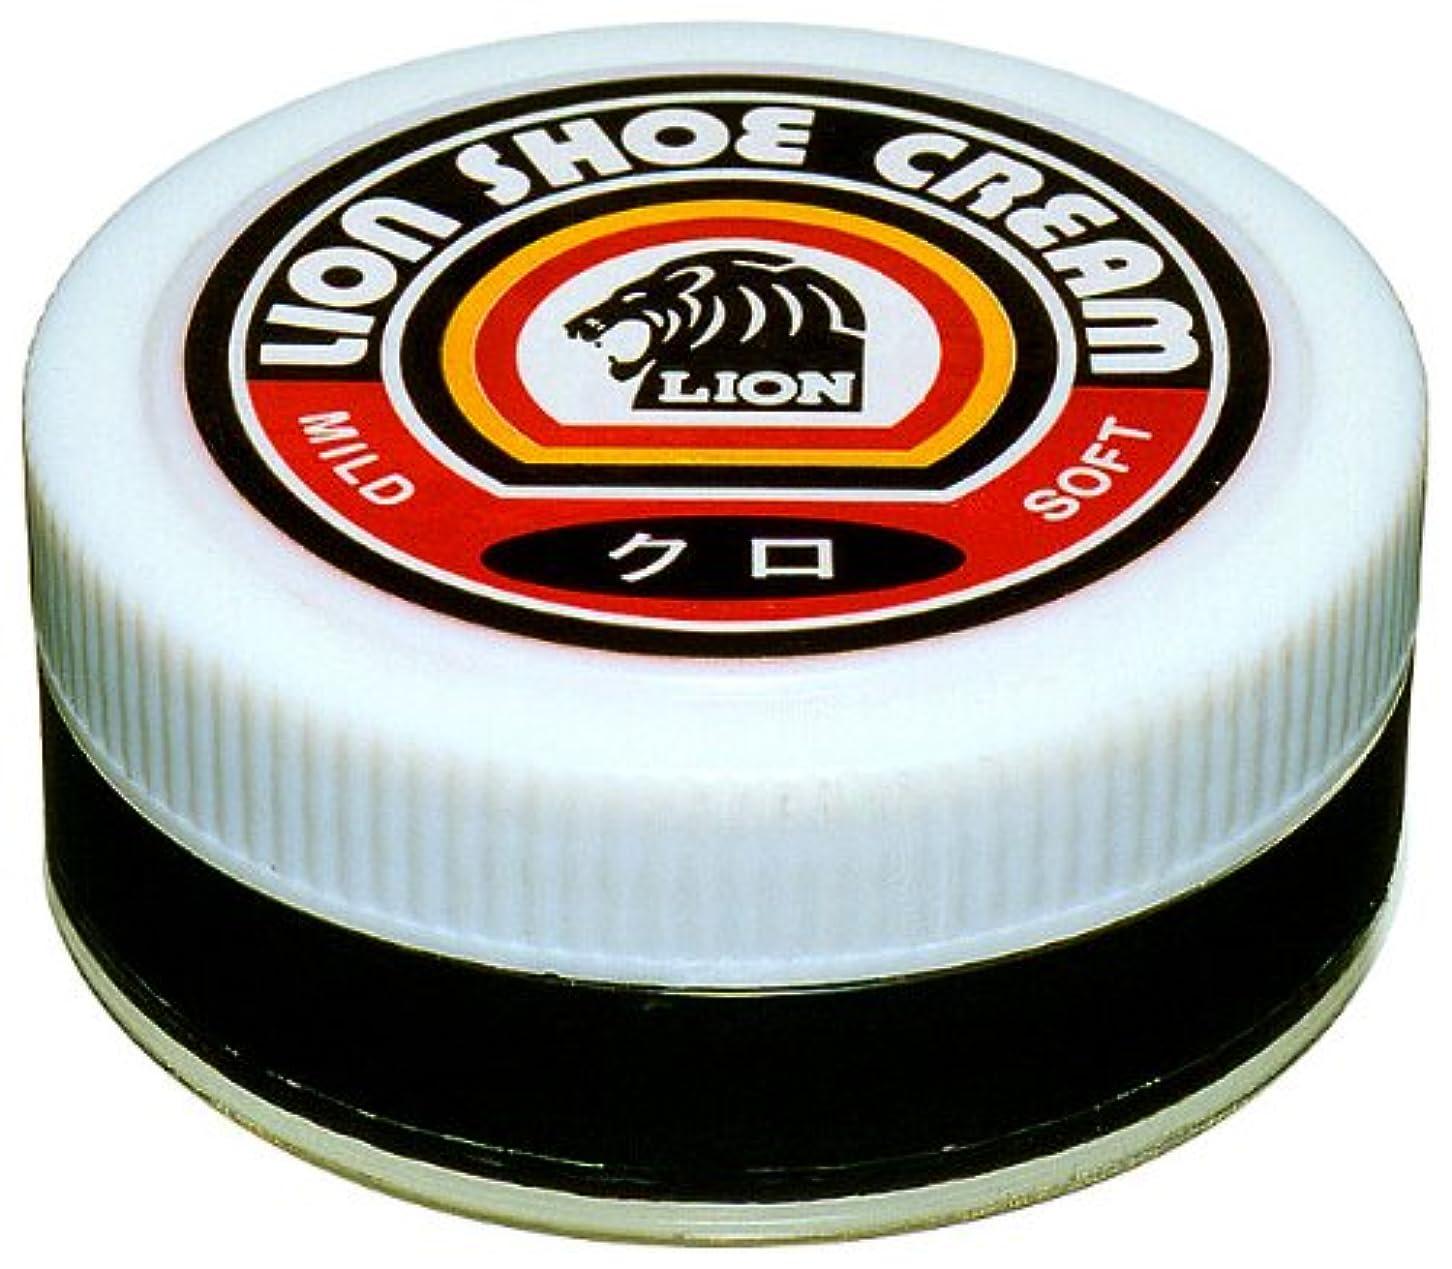 ラバ系統的セットアップライオン 靴クリーム レオ瓶入 45g (黒)